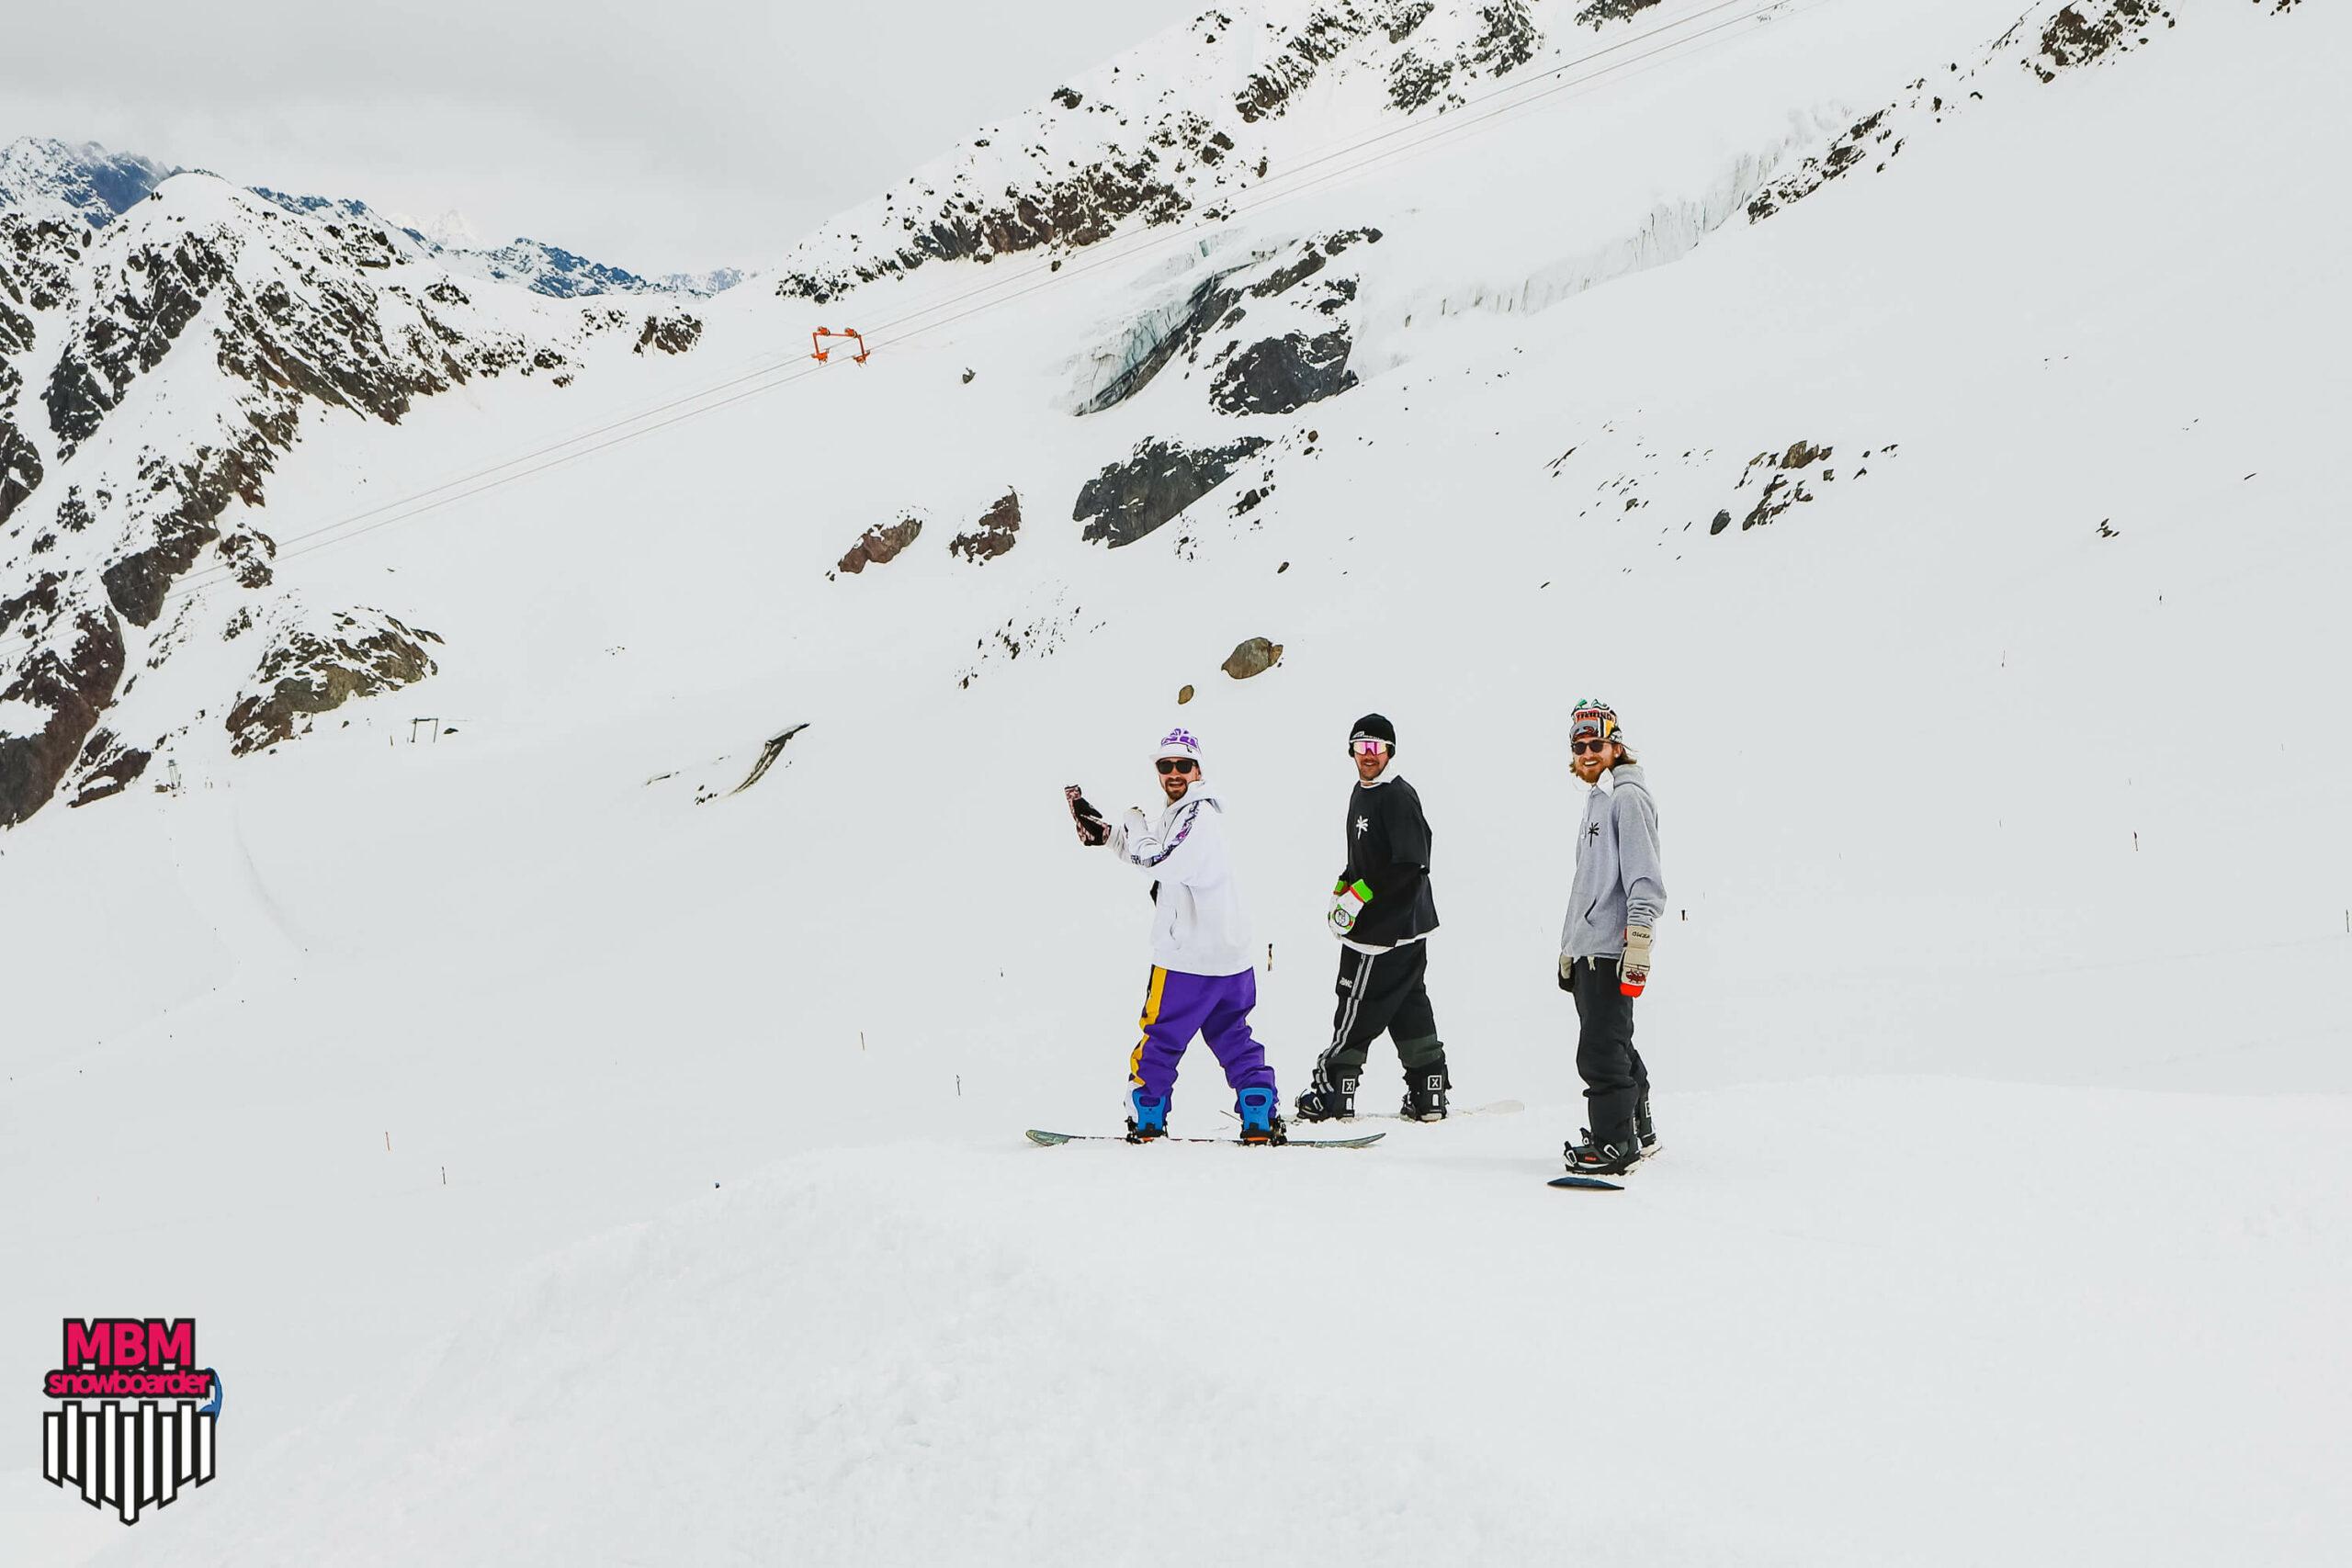 snowboarderMBM_sd_kaunertal_077